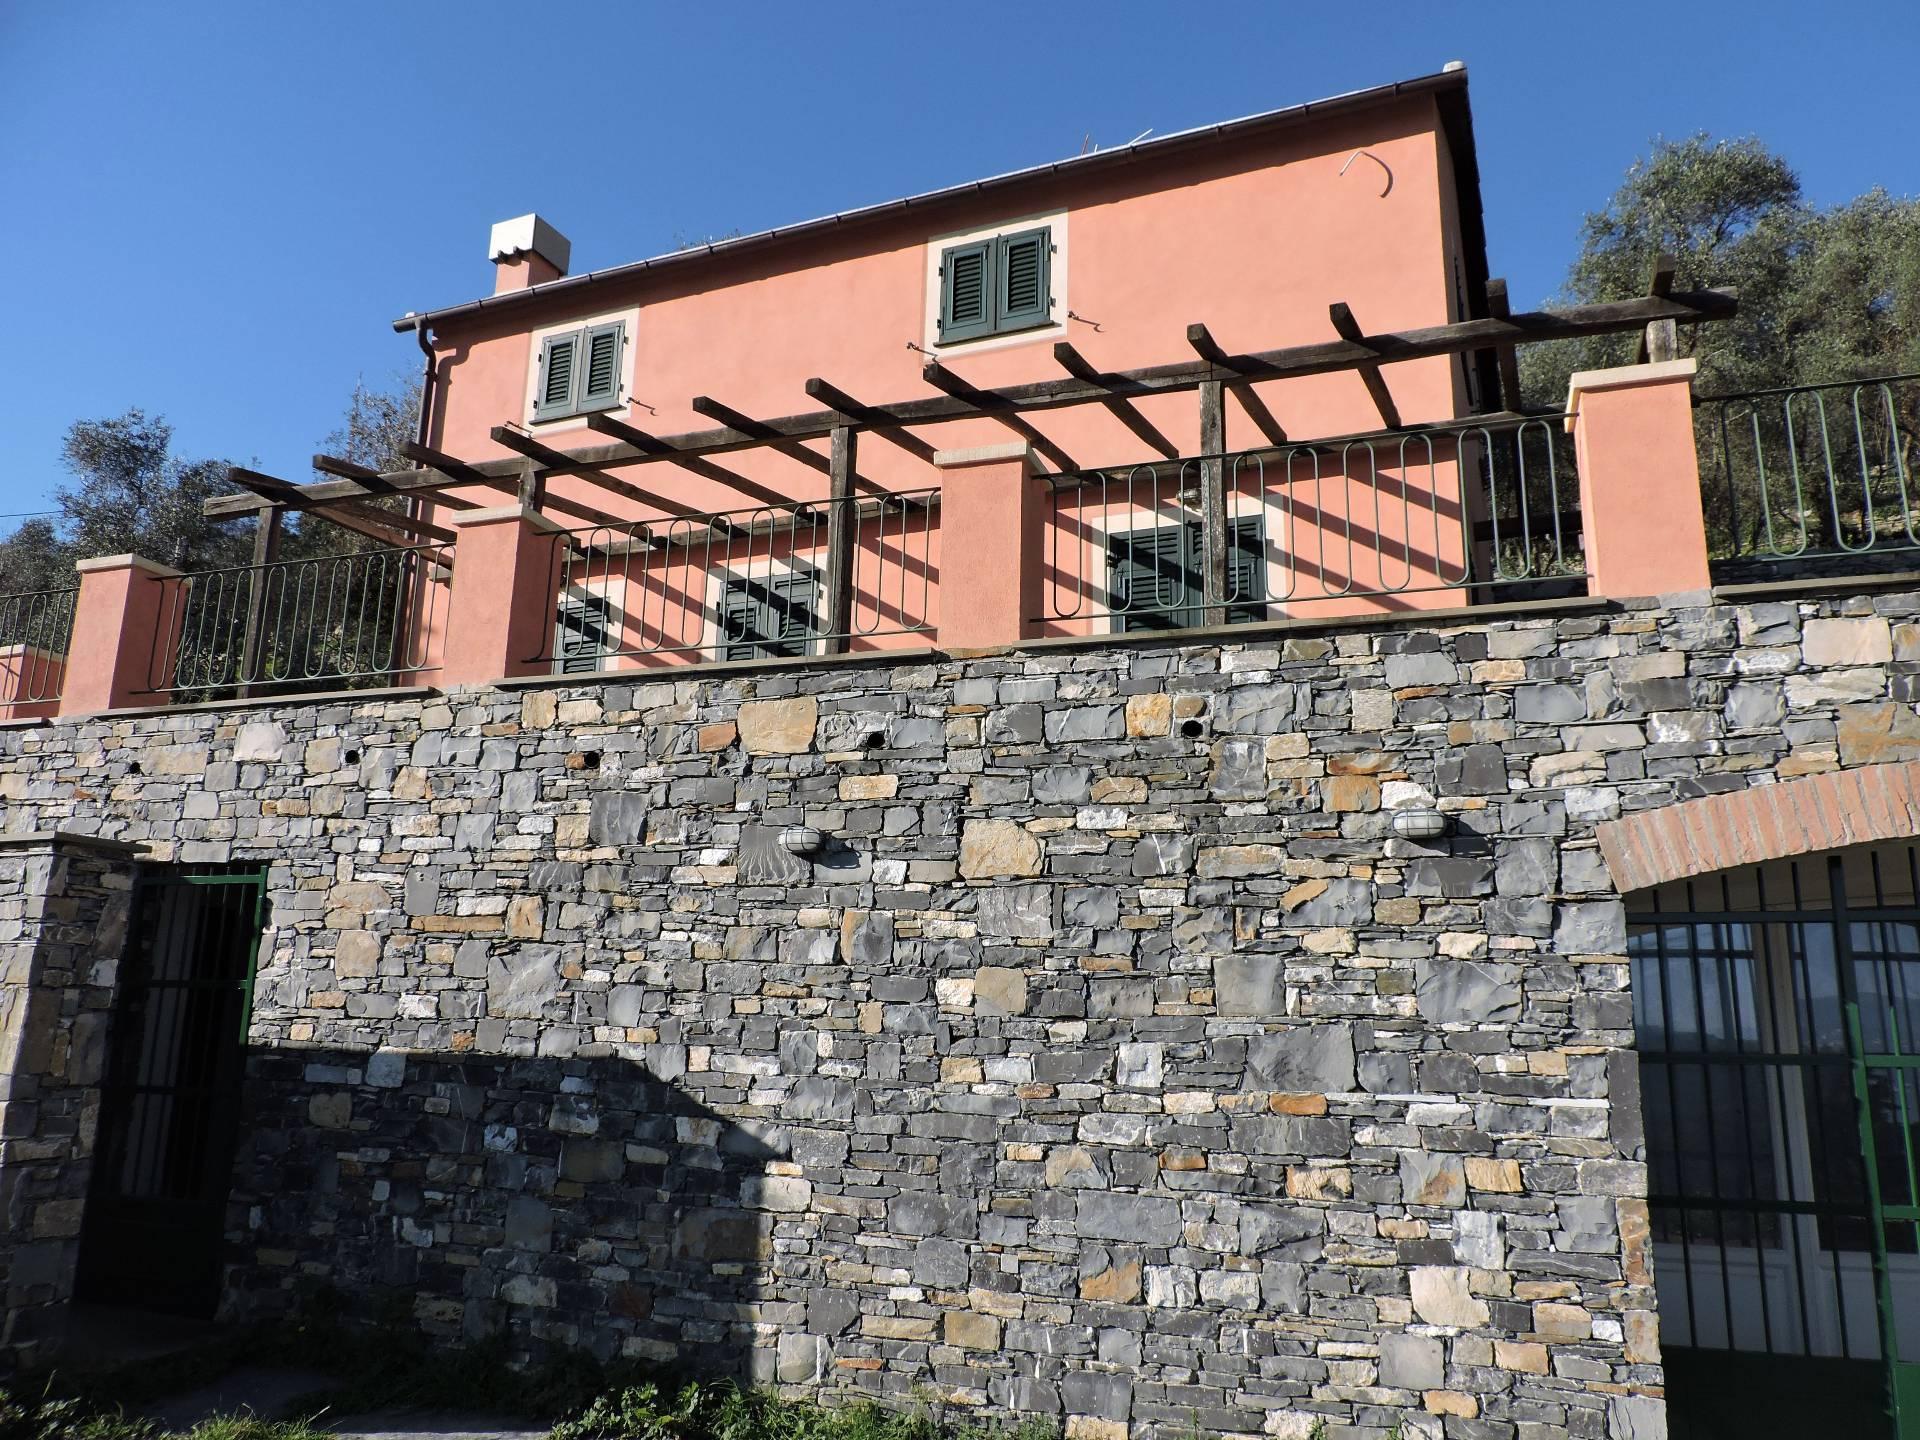 Soluzione Indipendente in affitto a Santa Margherita Ligure, 5 locali, zona Località: SanLorenzodellaCosta, prezzo € 1.400 | Cambio Casa.it